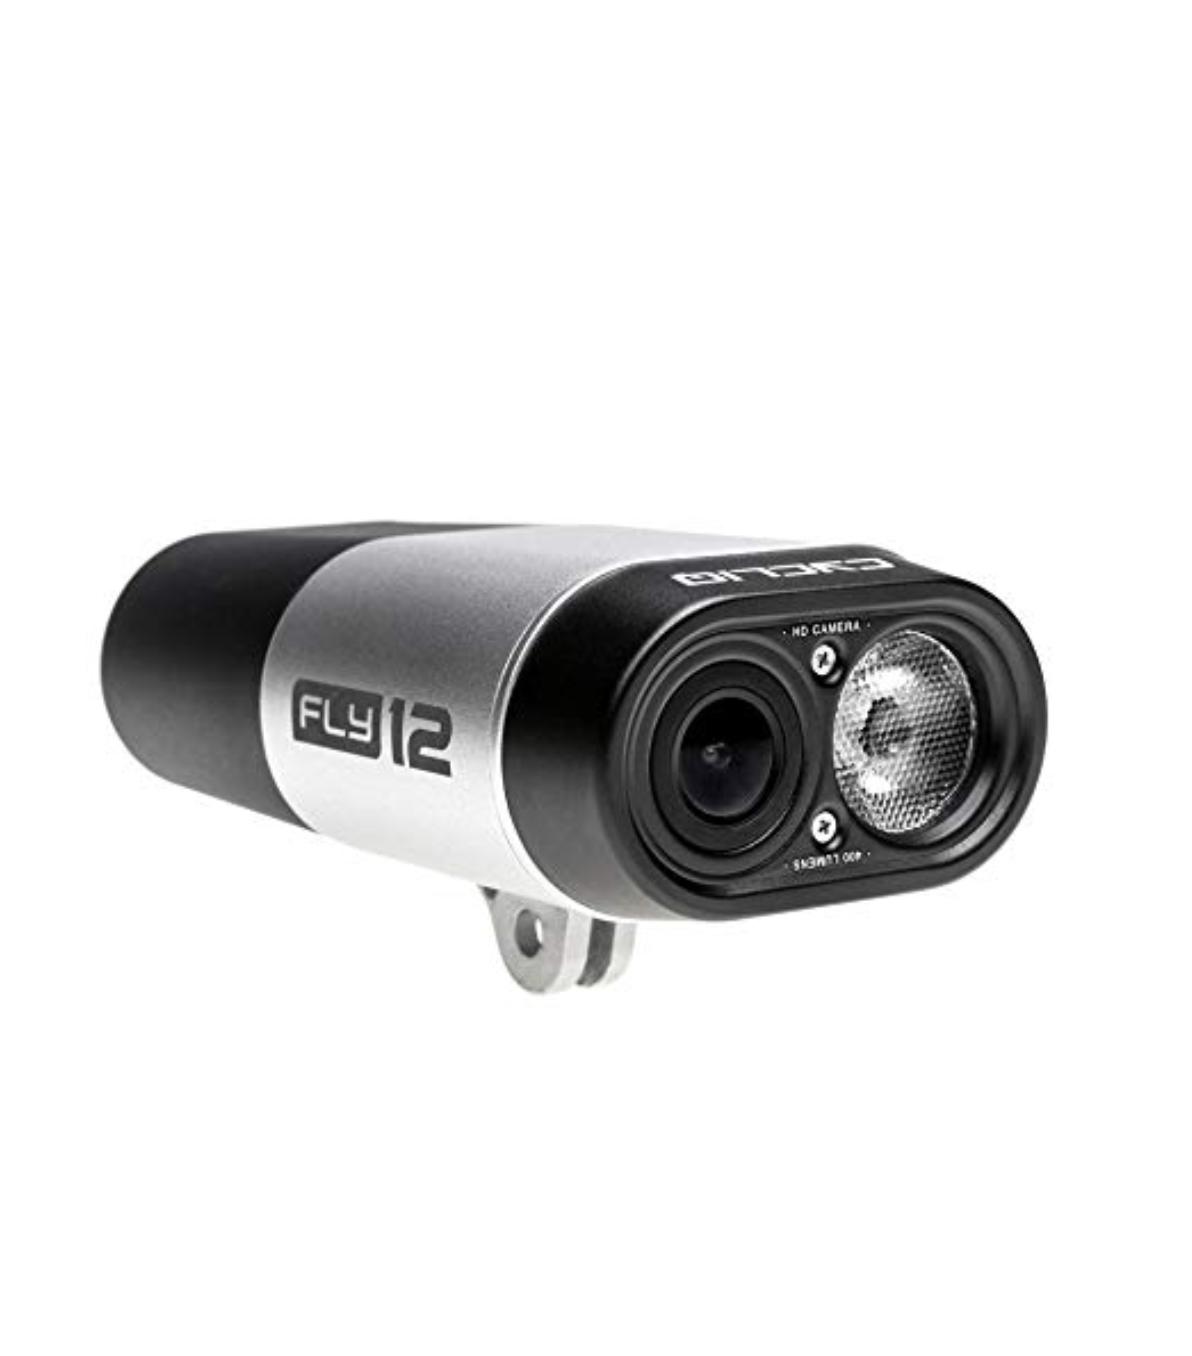 Cycliq Fly12 1080p HD telecamera e 400 LUuomini BICI LUCE